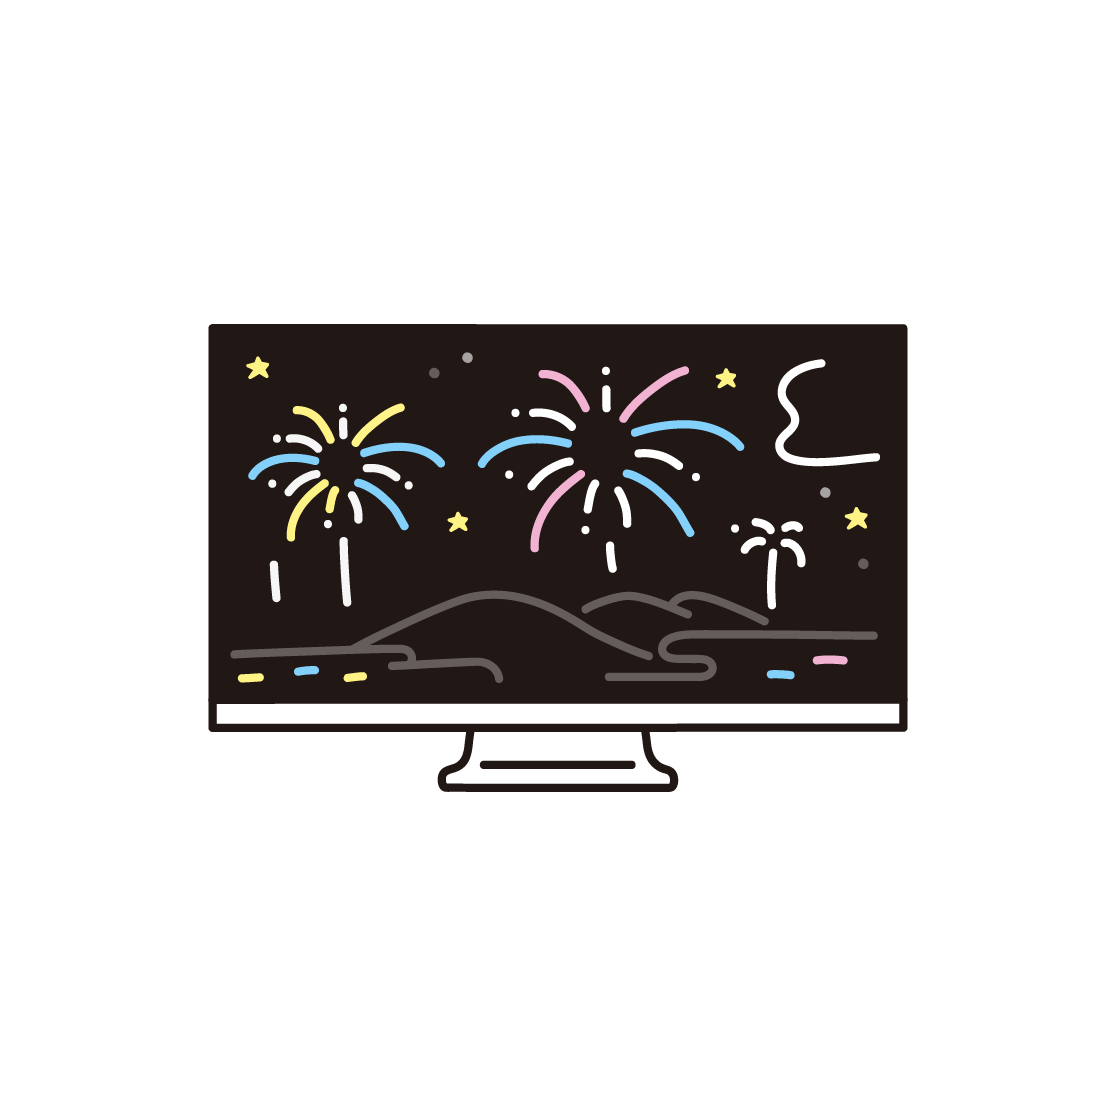 オンライン花火(テレビ)のイラスト